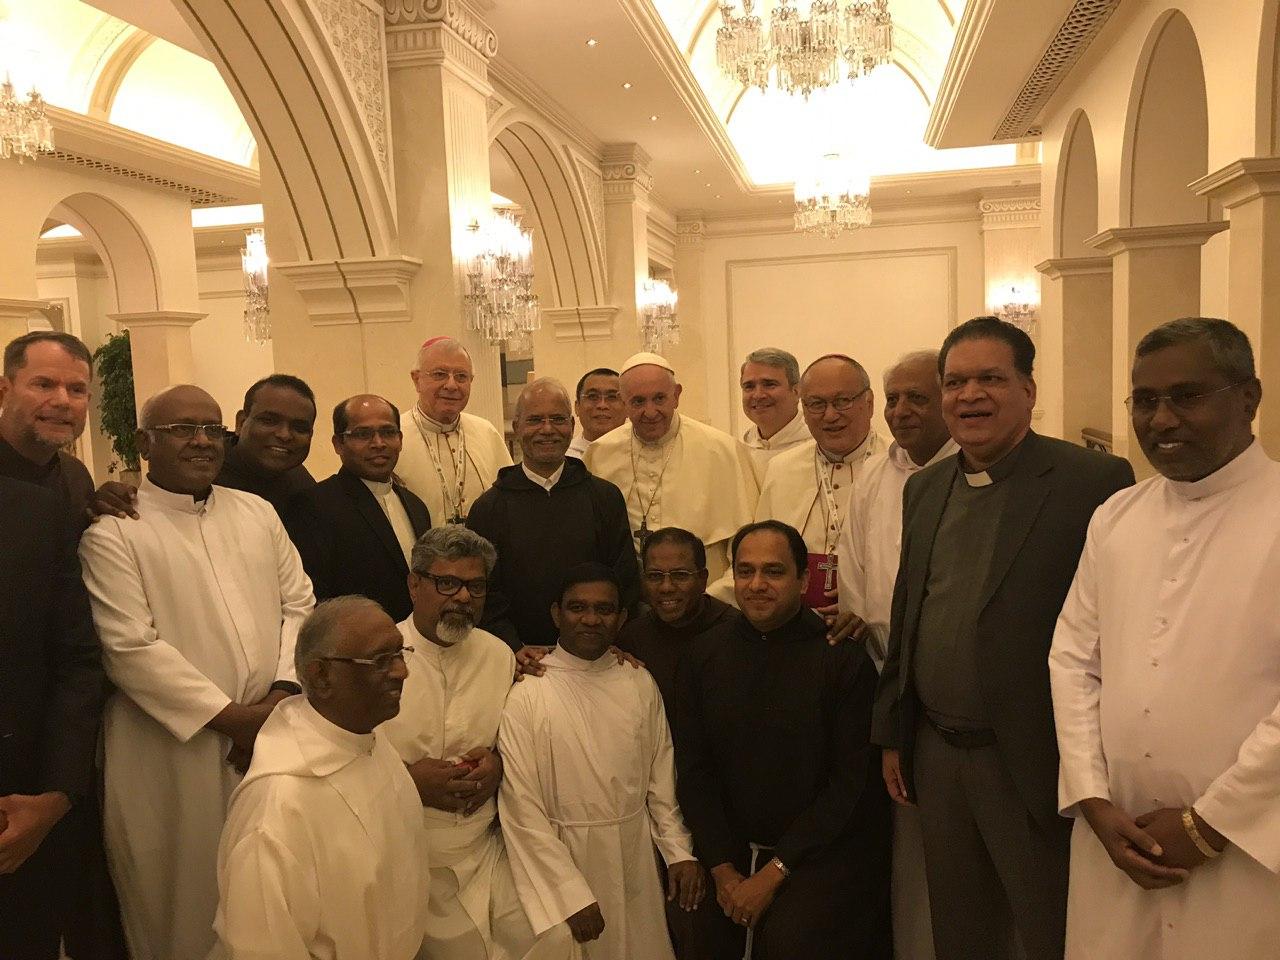 Capucins et prêtres, Abou Dhabi, Emirats © Bureau de presse du St Siège